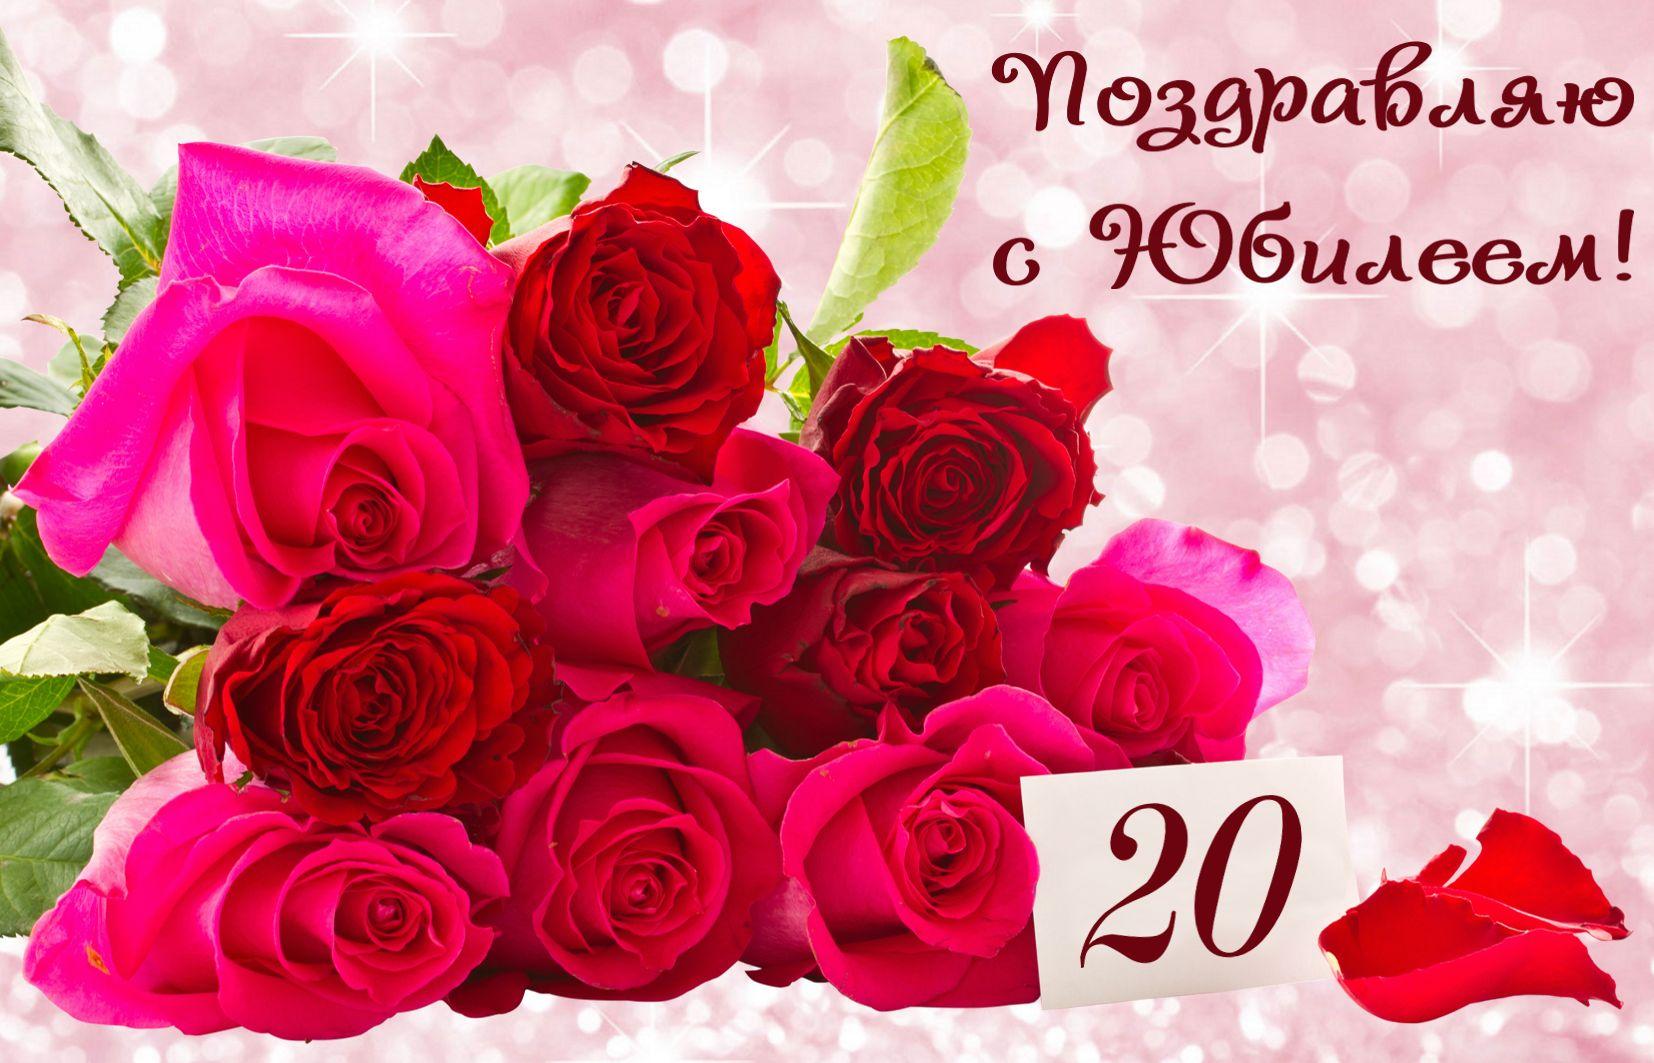 Красивые открытки с цветами с юбилеем